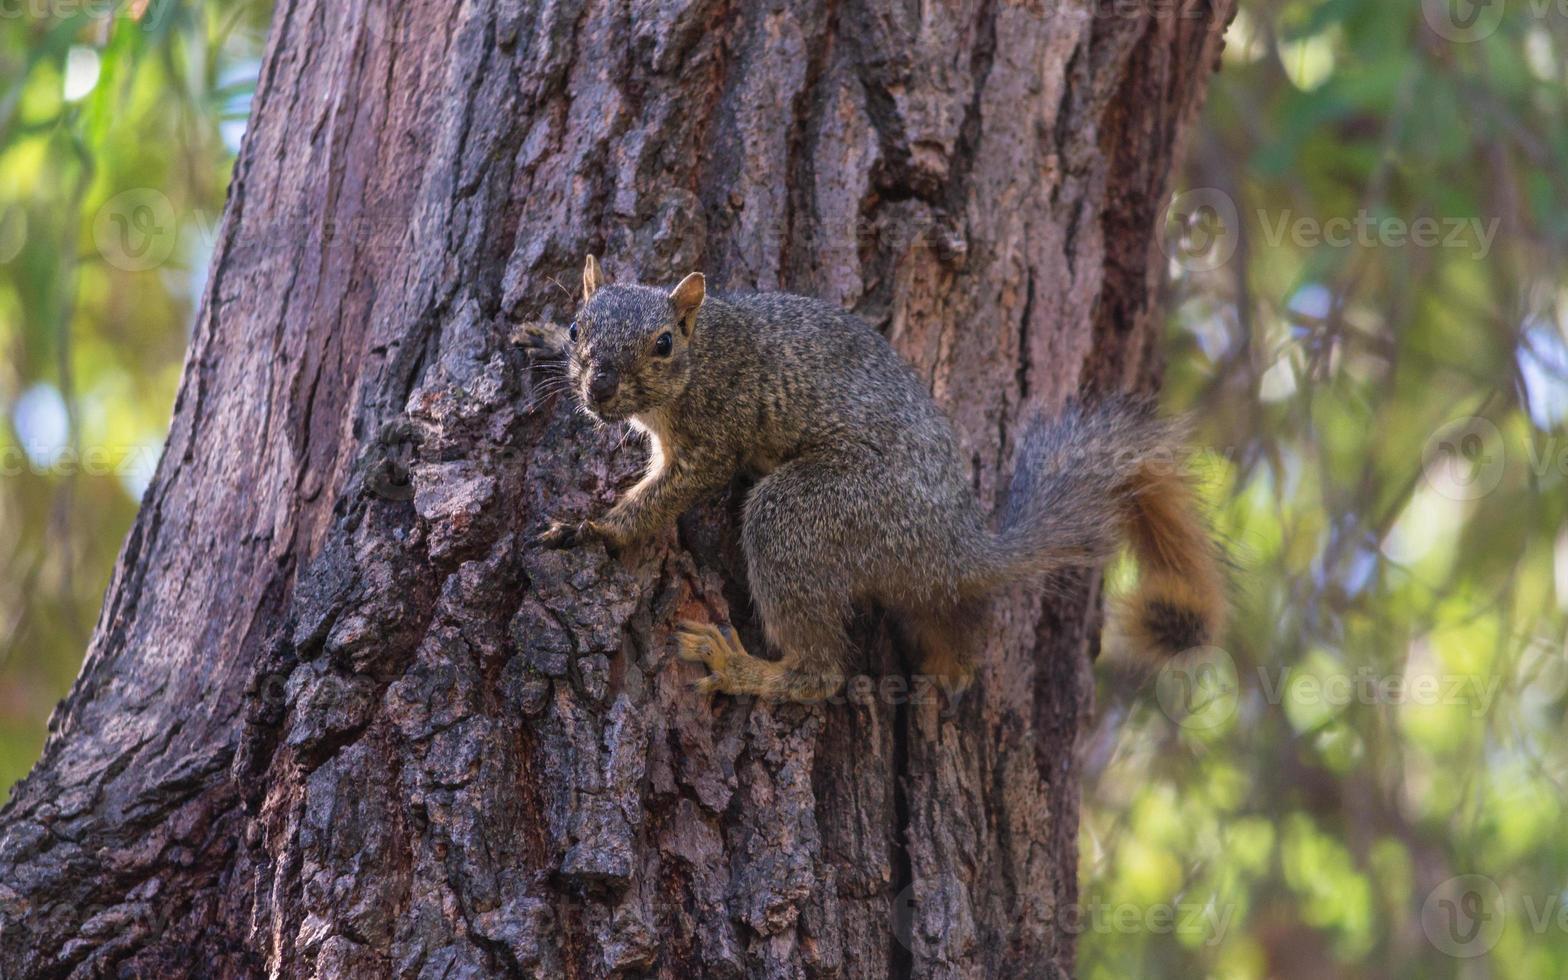 écureuil renard dans un arbre photo